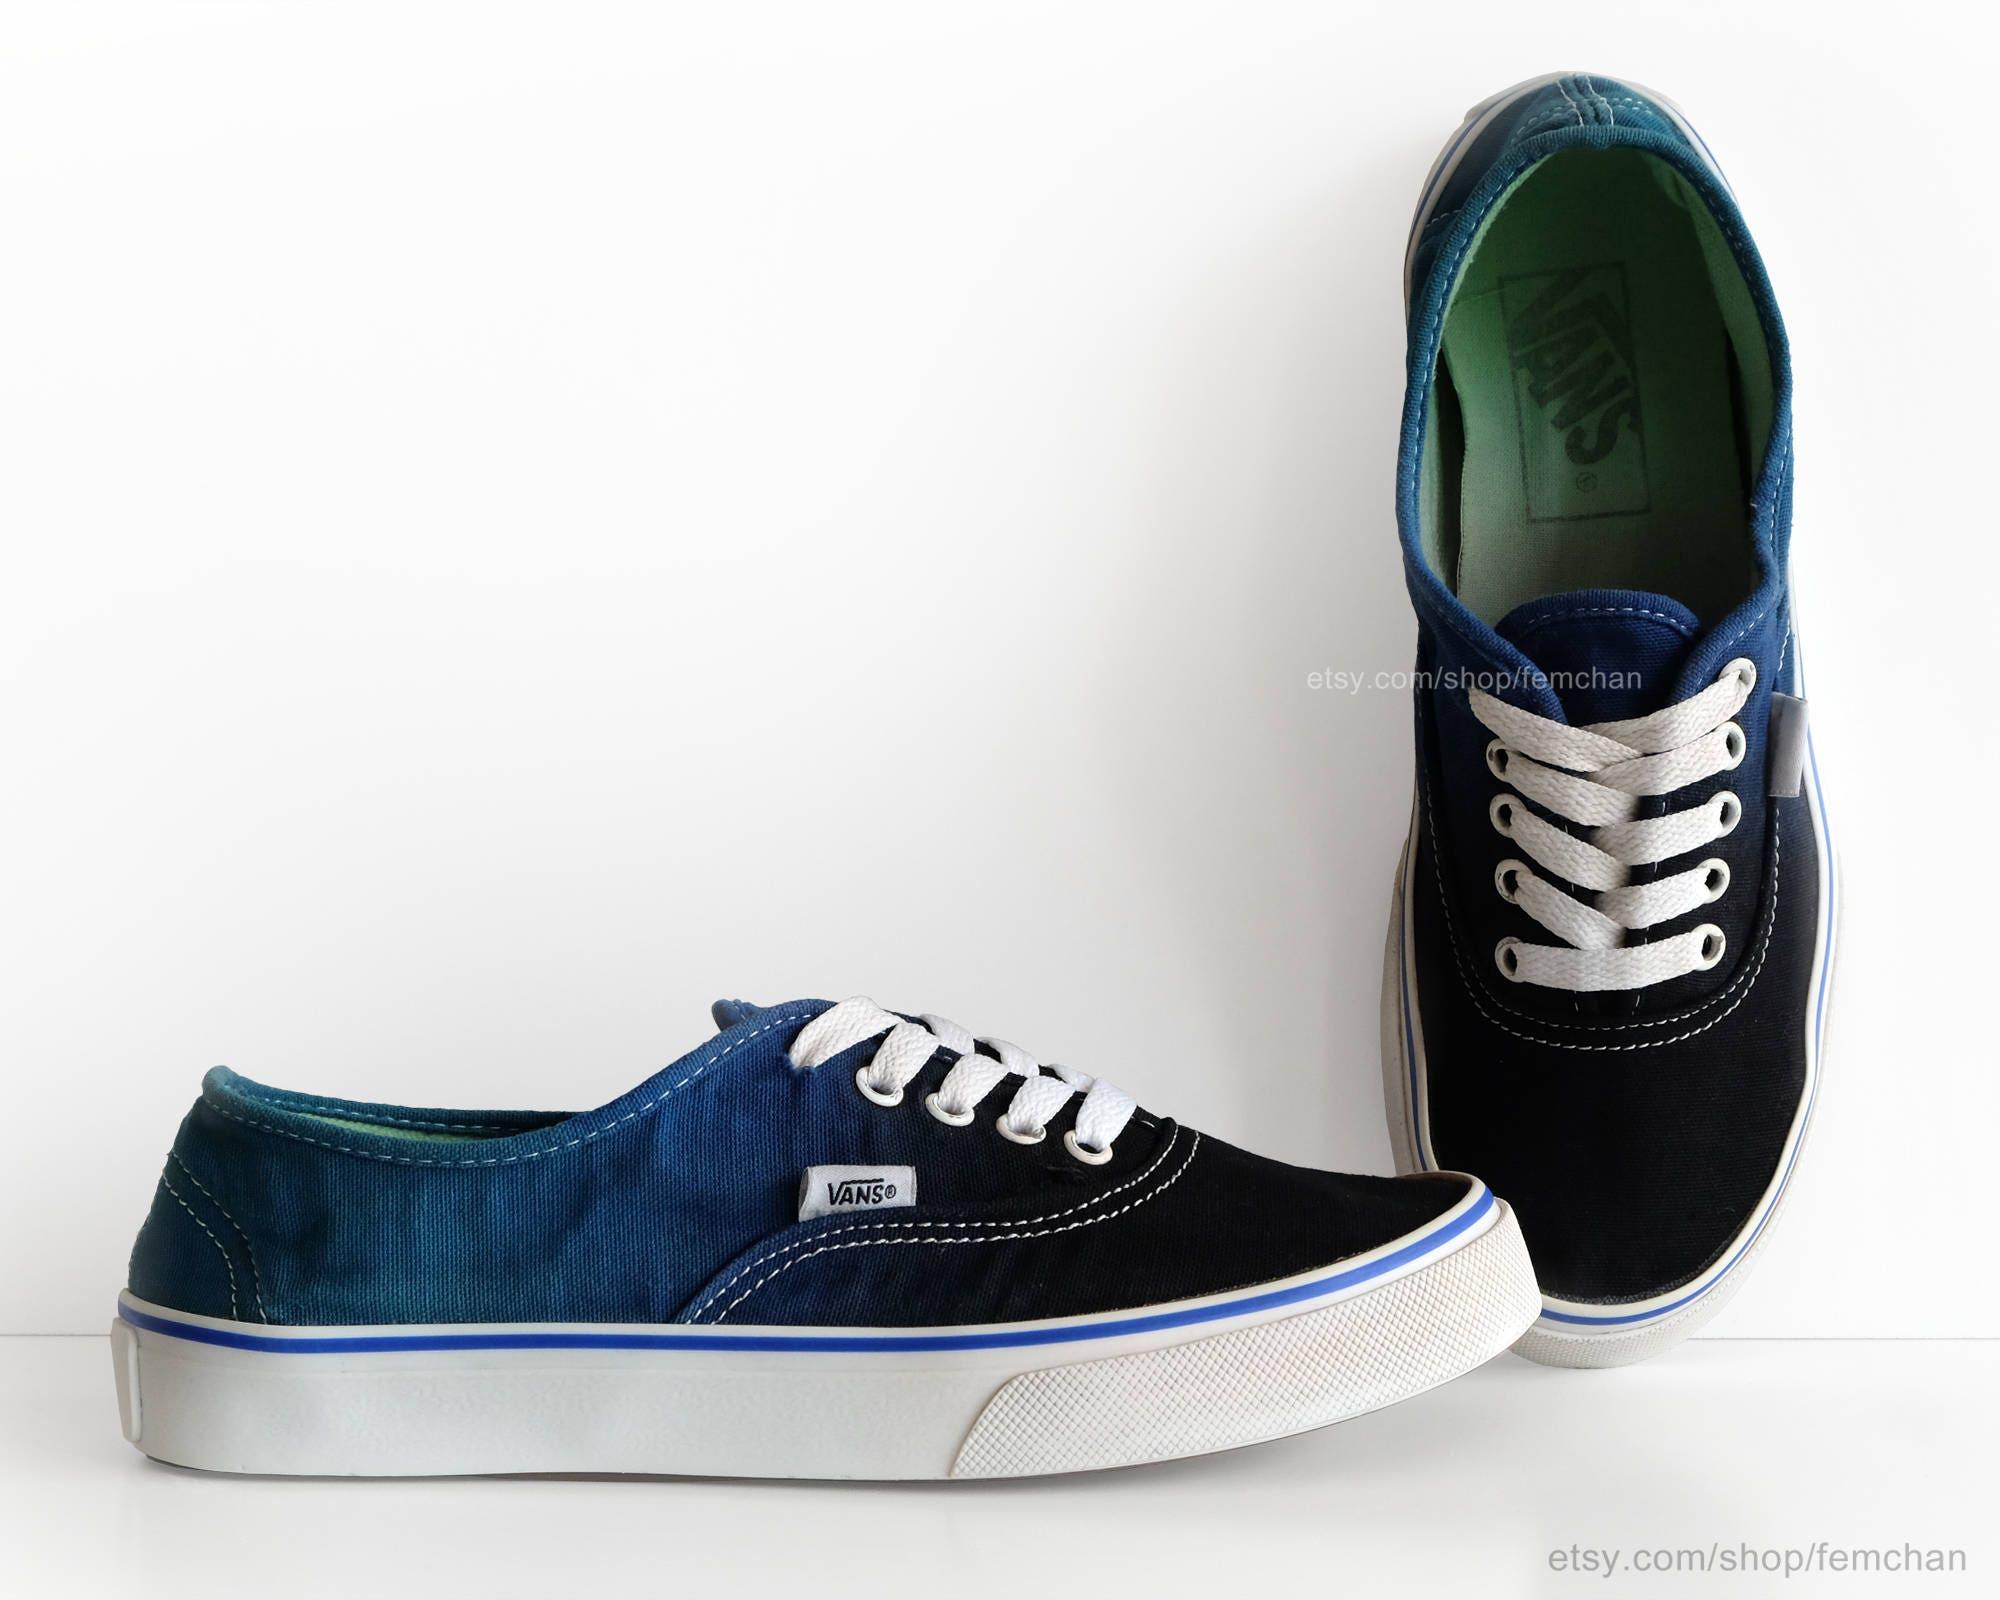 63d271534d967c Dip dye Vans Authentic black deep blue ombré tie dye skate